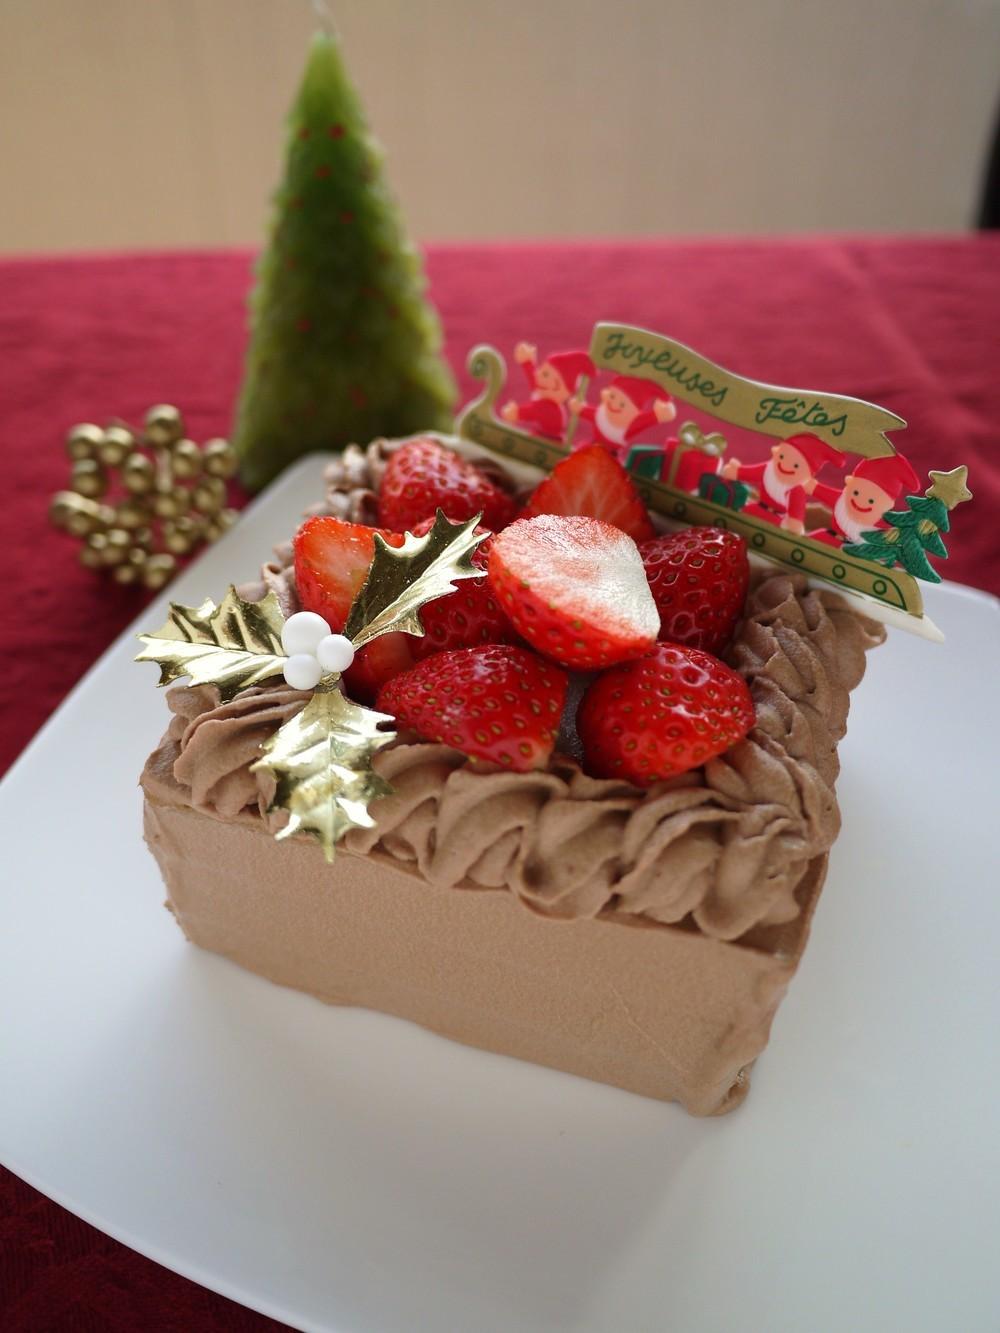 クックパッド低糖工房クリスマスチョコレートケーキ